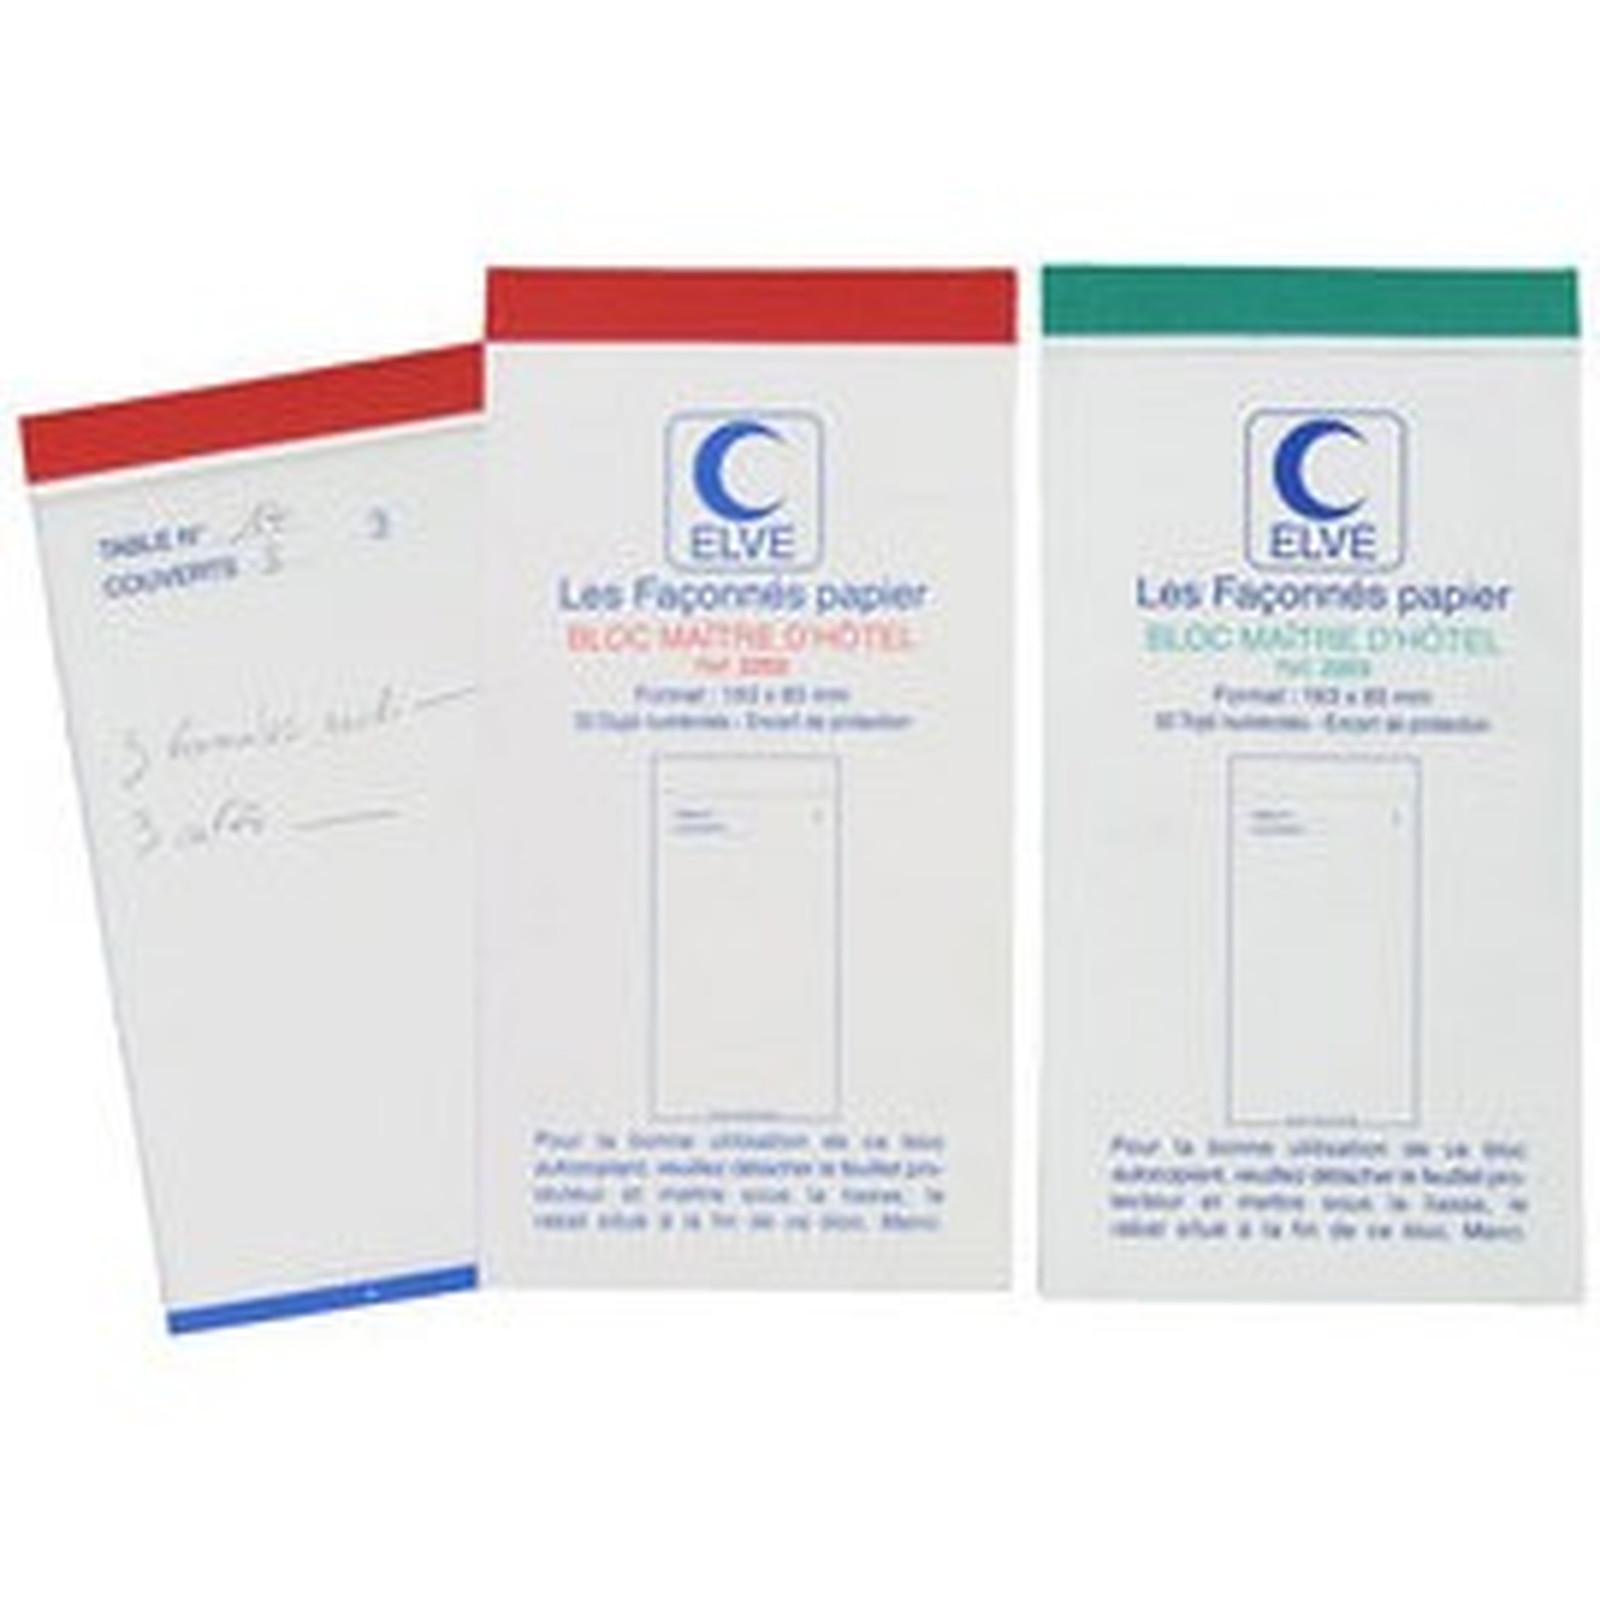 ELVE Carnet à souche imprimé 50 feuilles - Bloc maître d'hôtel